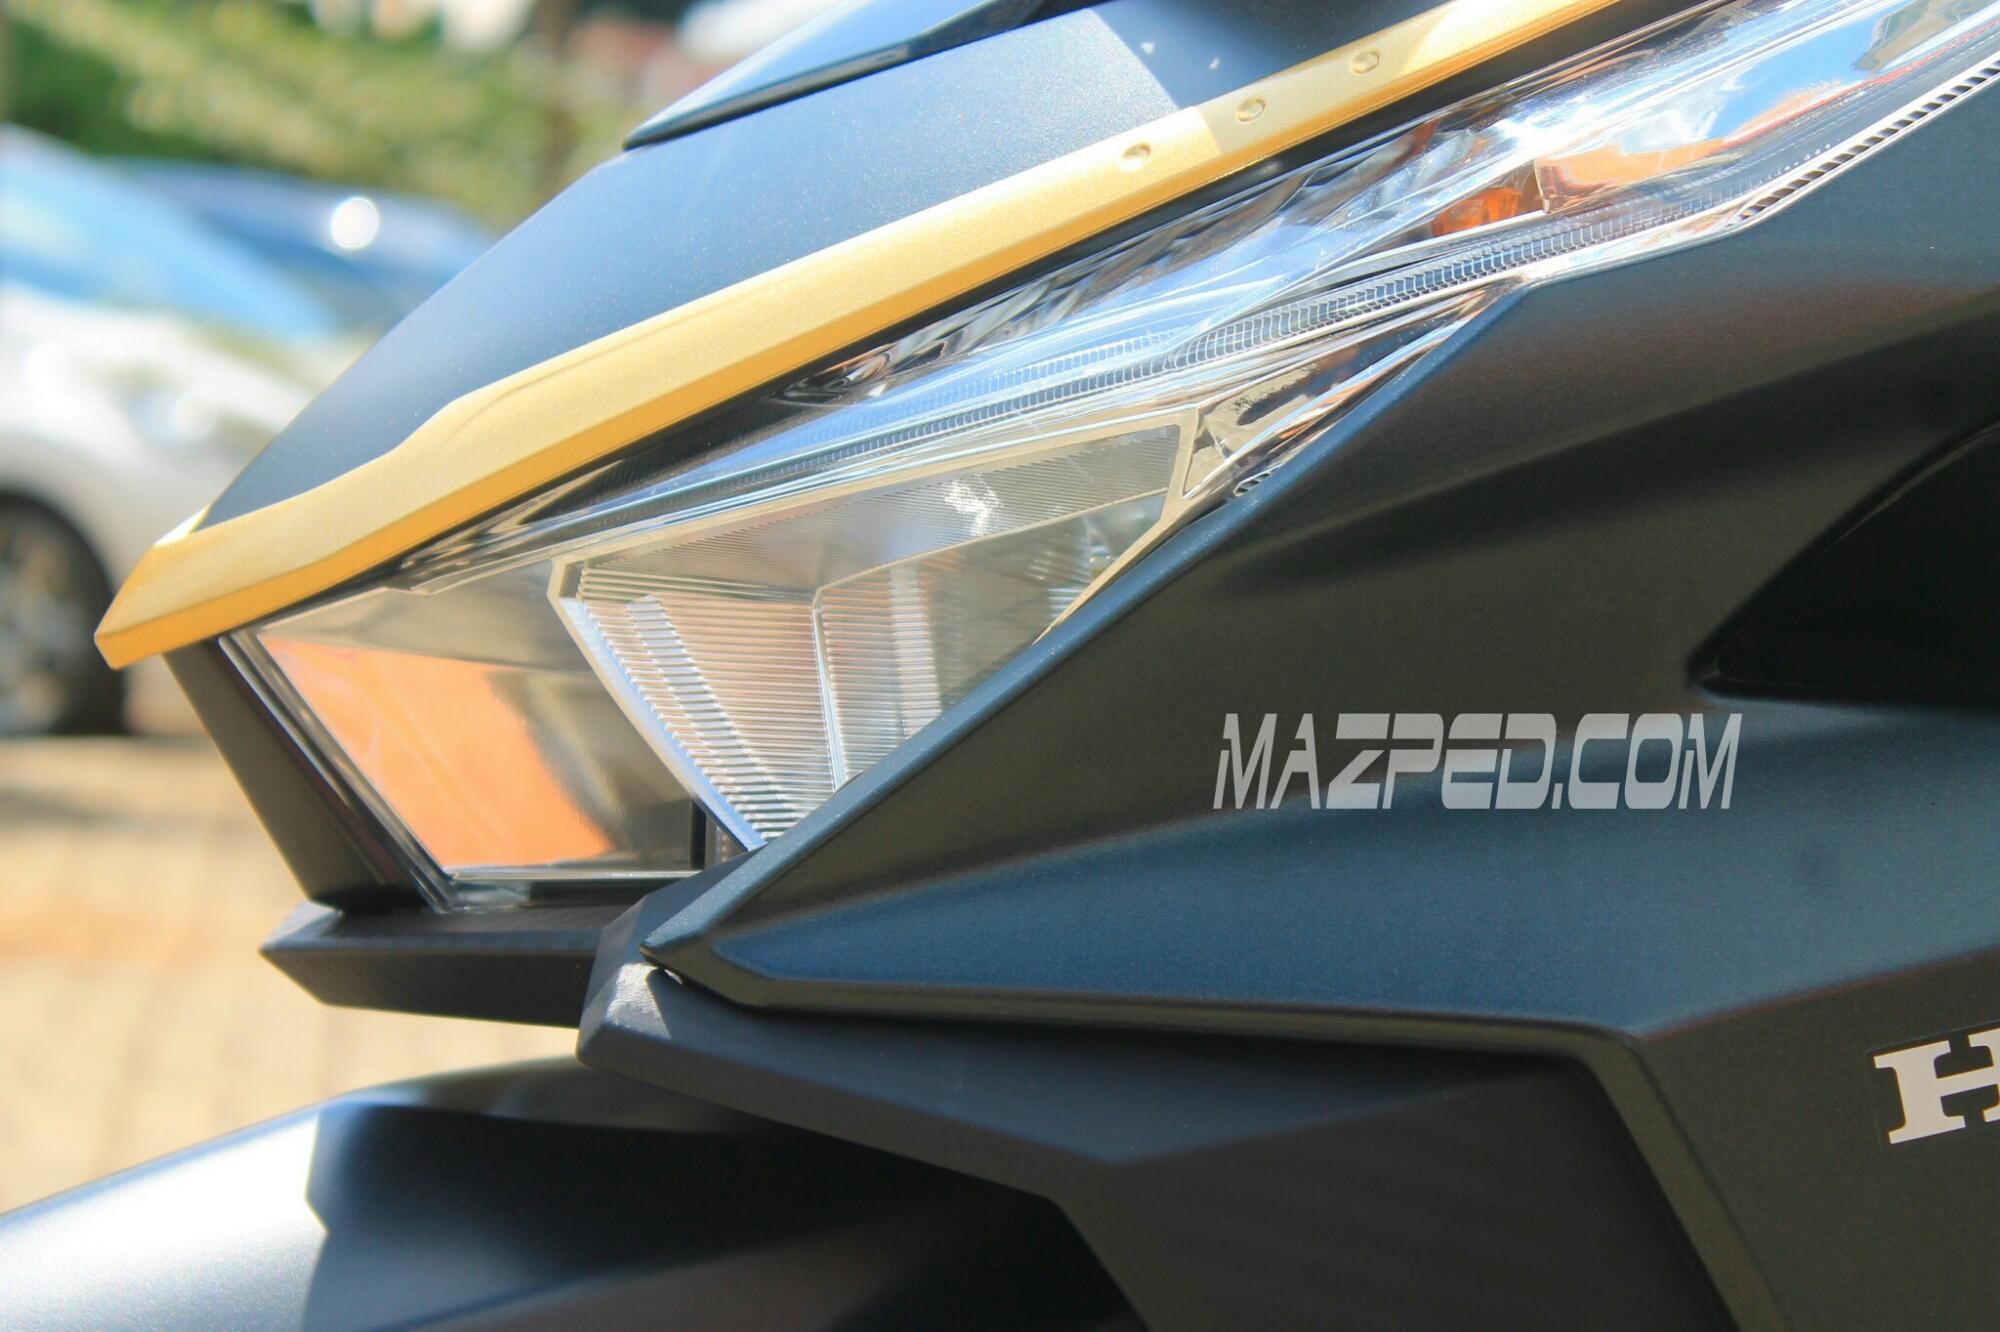 Headlamp led vario 150 dan vario 125 tuh brapa watt sih mazped image asfbconference2016 Choice Image